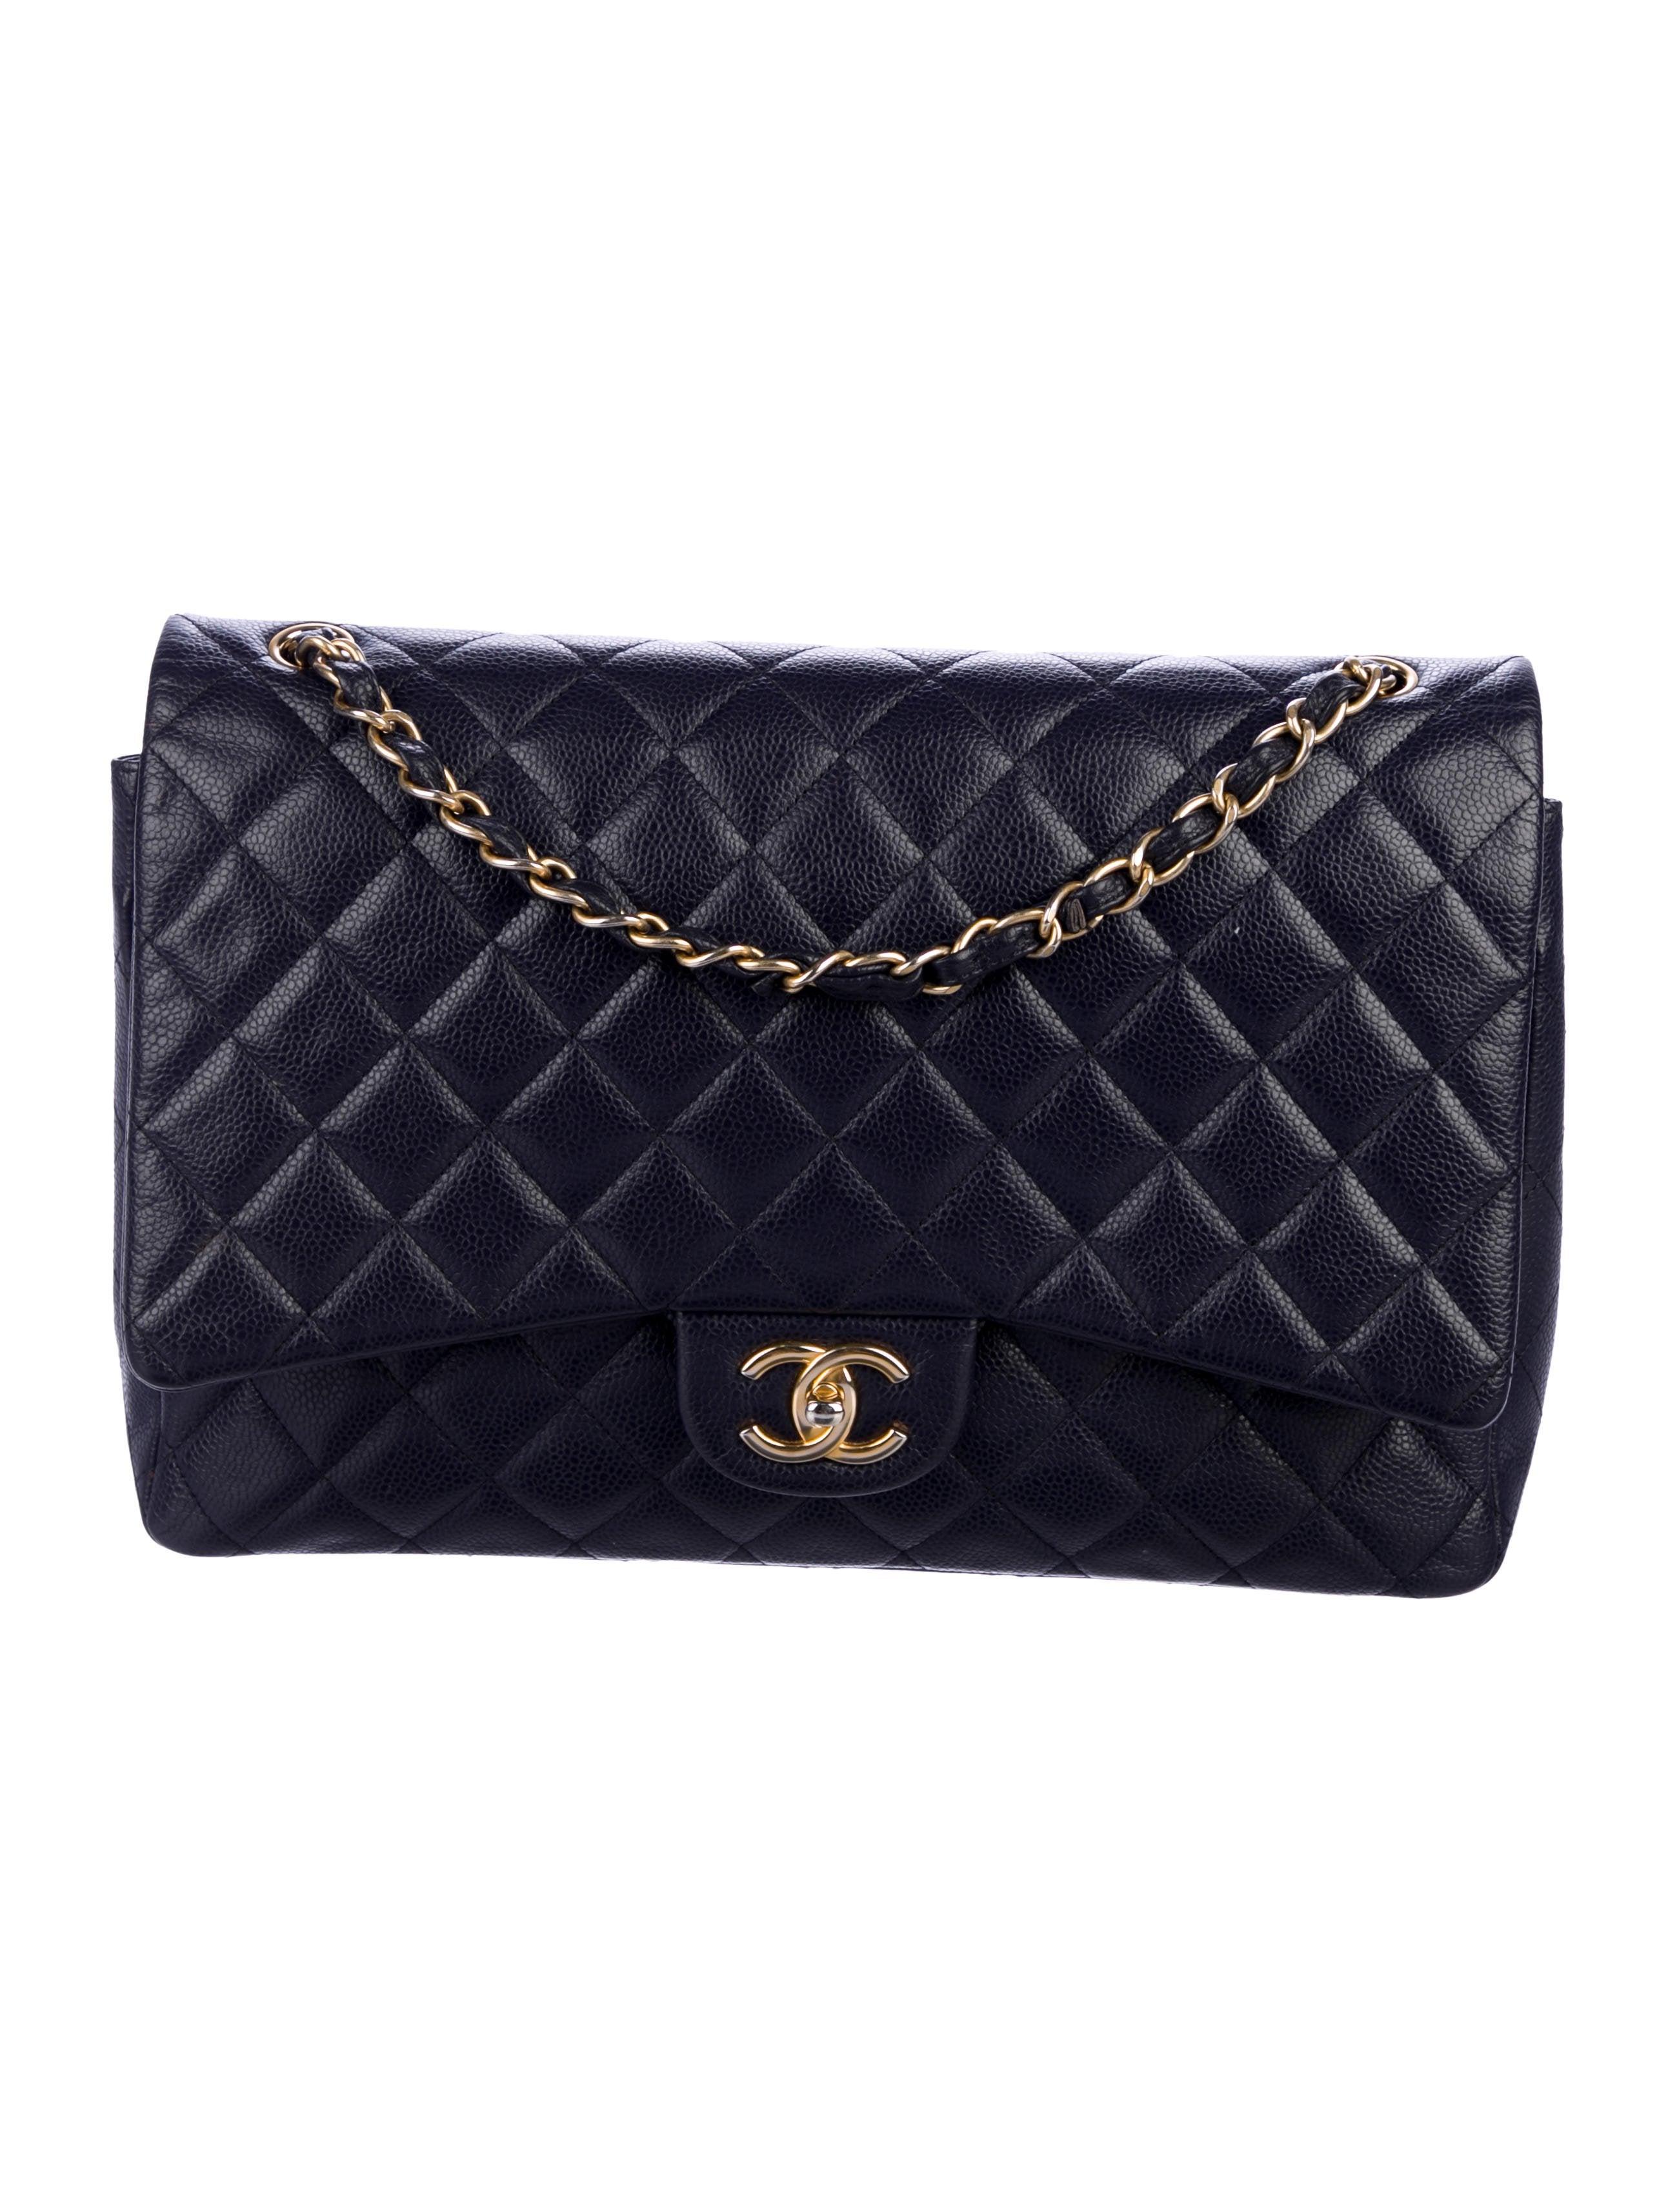 479985c99df45 Chanel Classic Maxi Double Flap Bag - Handbags - CHA313040